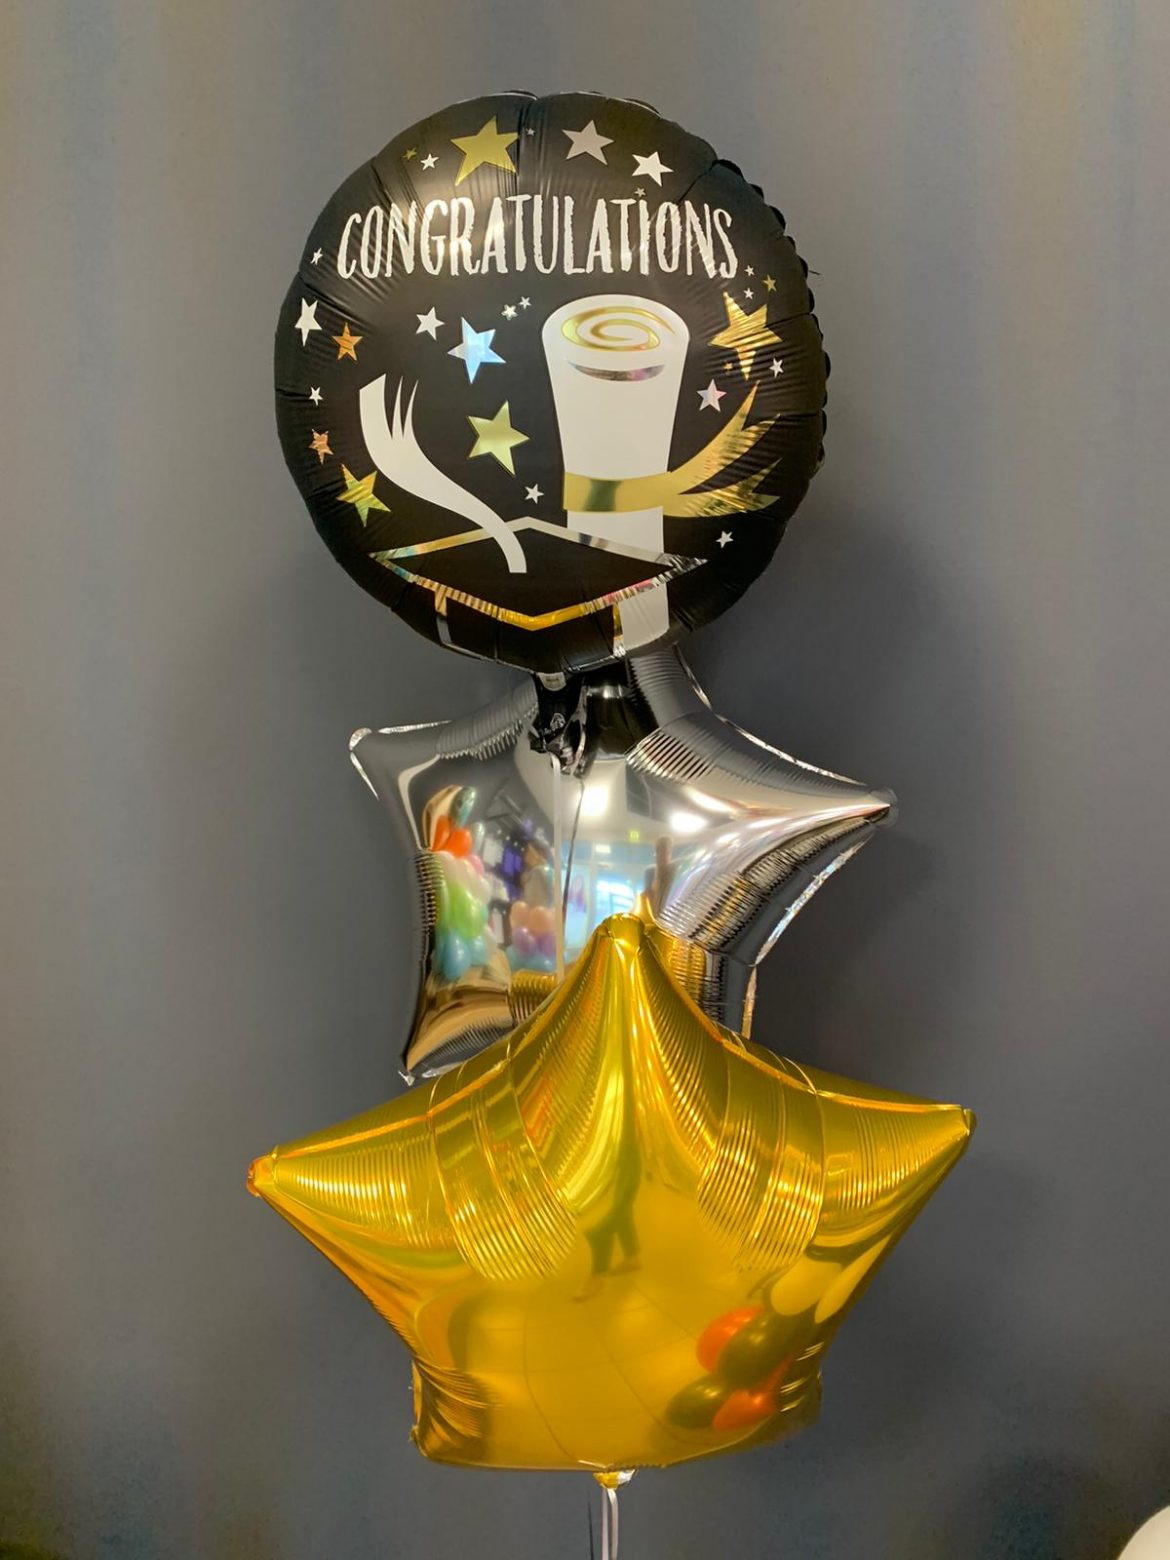 Congratulations Heliumballon 1